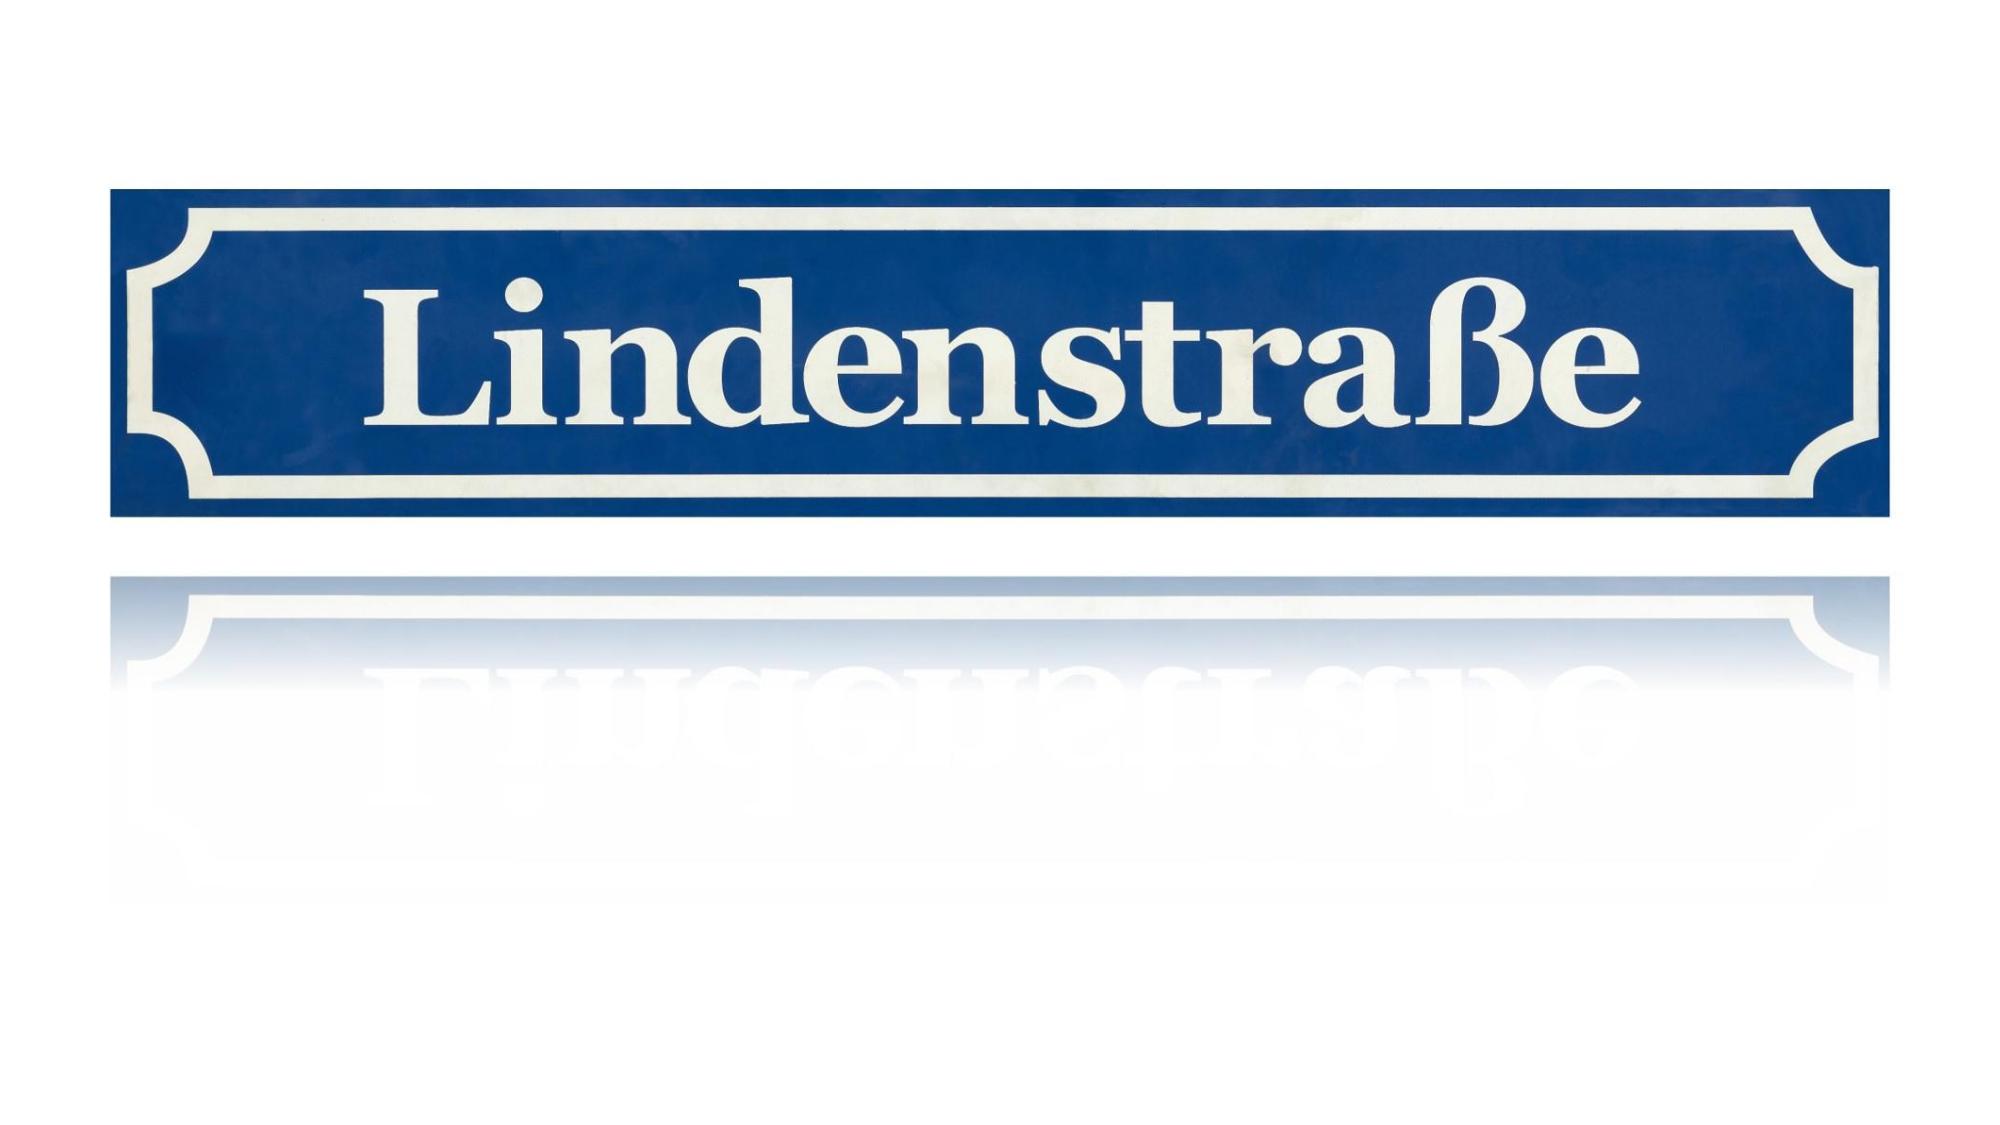 blaues Lindenstraßen-Schild